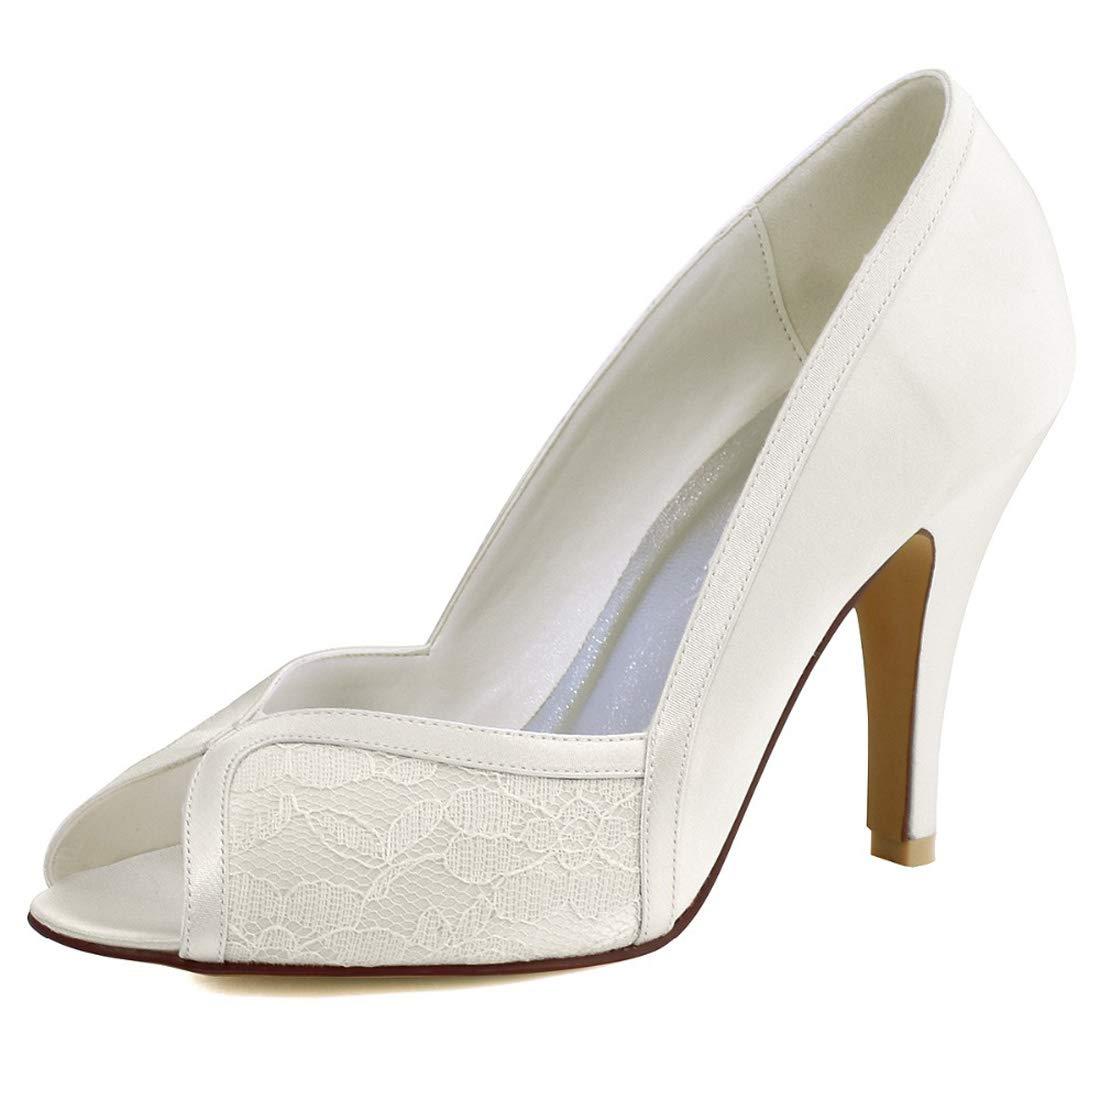 Charmstep Donne tacco alto spillo peep toe pizzo raso raso raso pompe nuziale abito scarpe da sposa MZ8231 321fb3